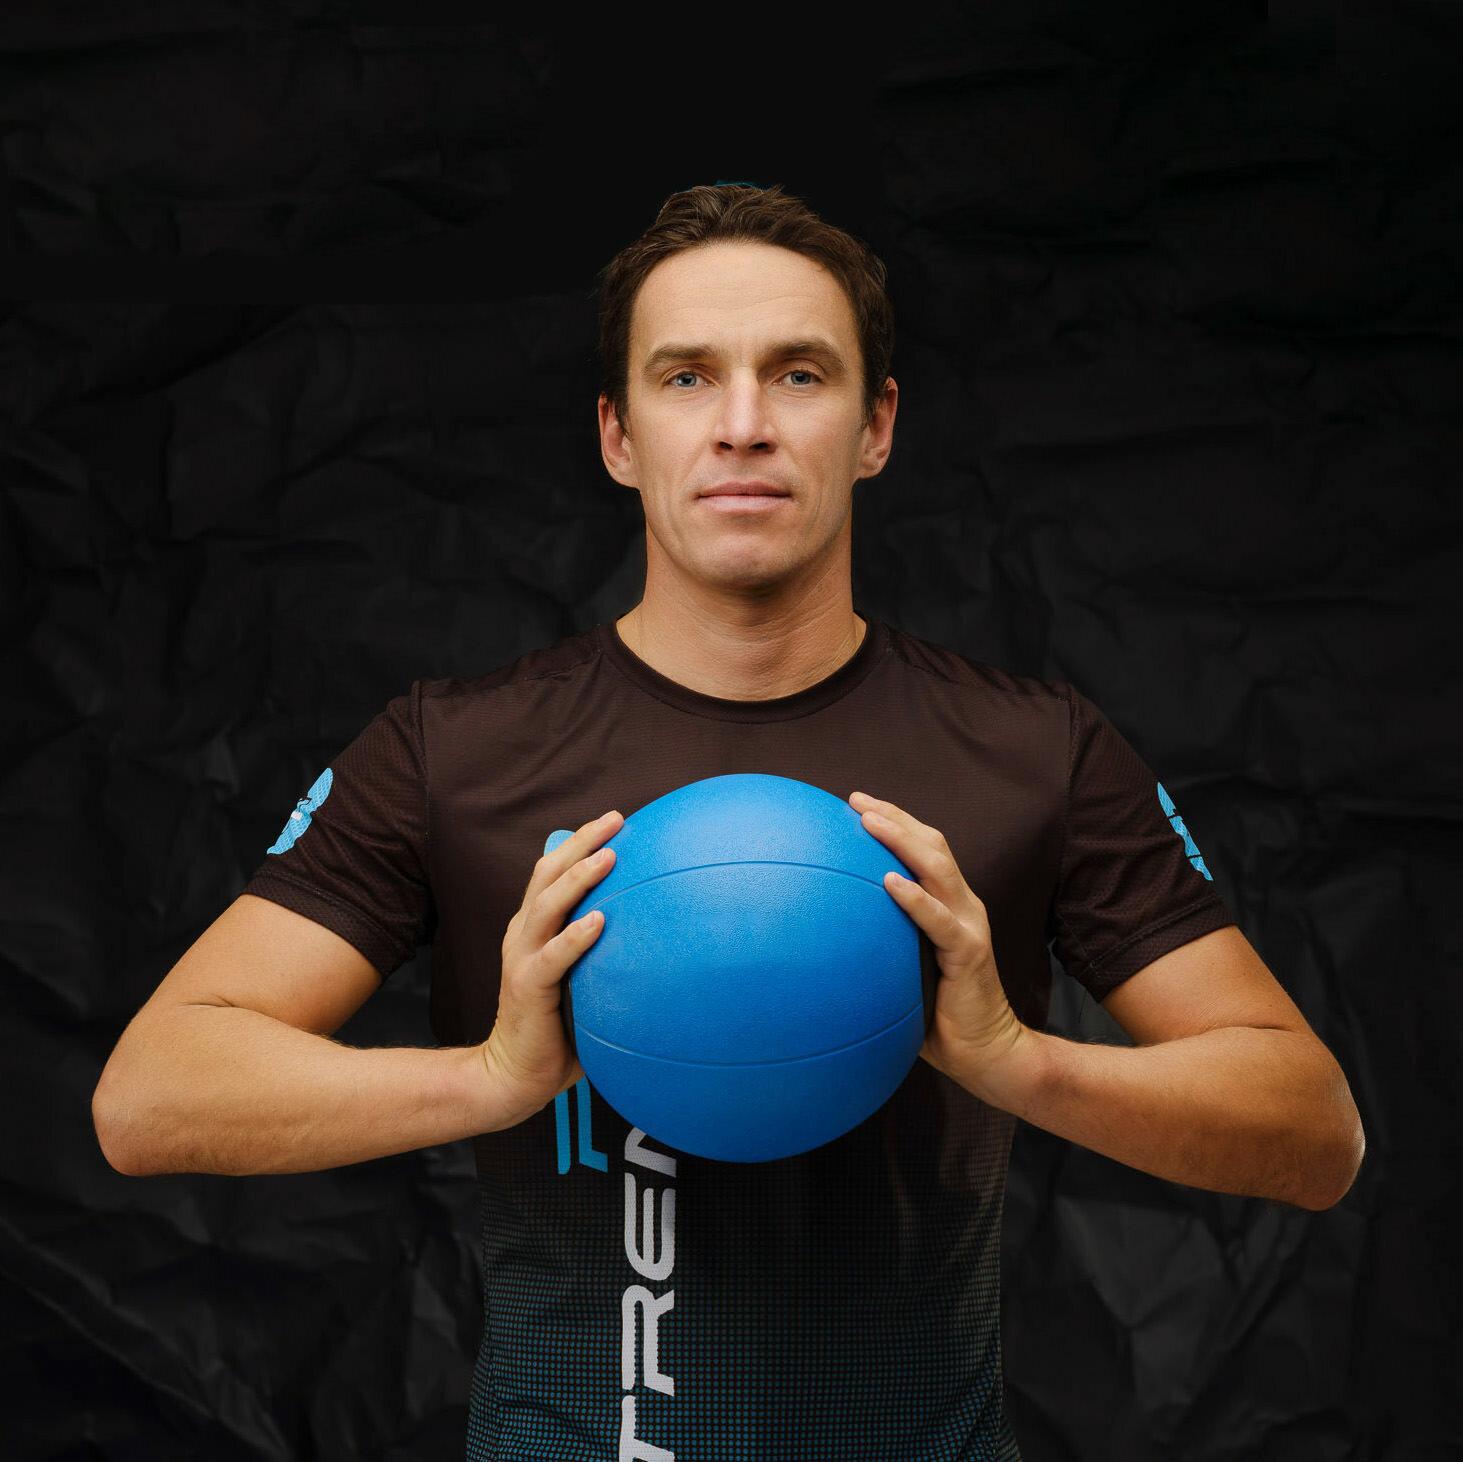 Сооснователь сети студий персональных тренировок Андрей Жуков с мячом в руках.